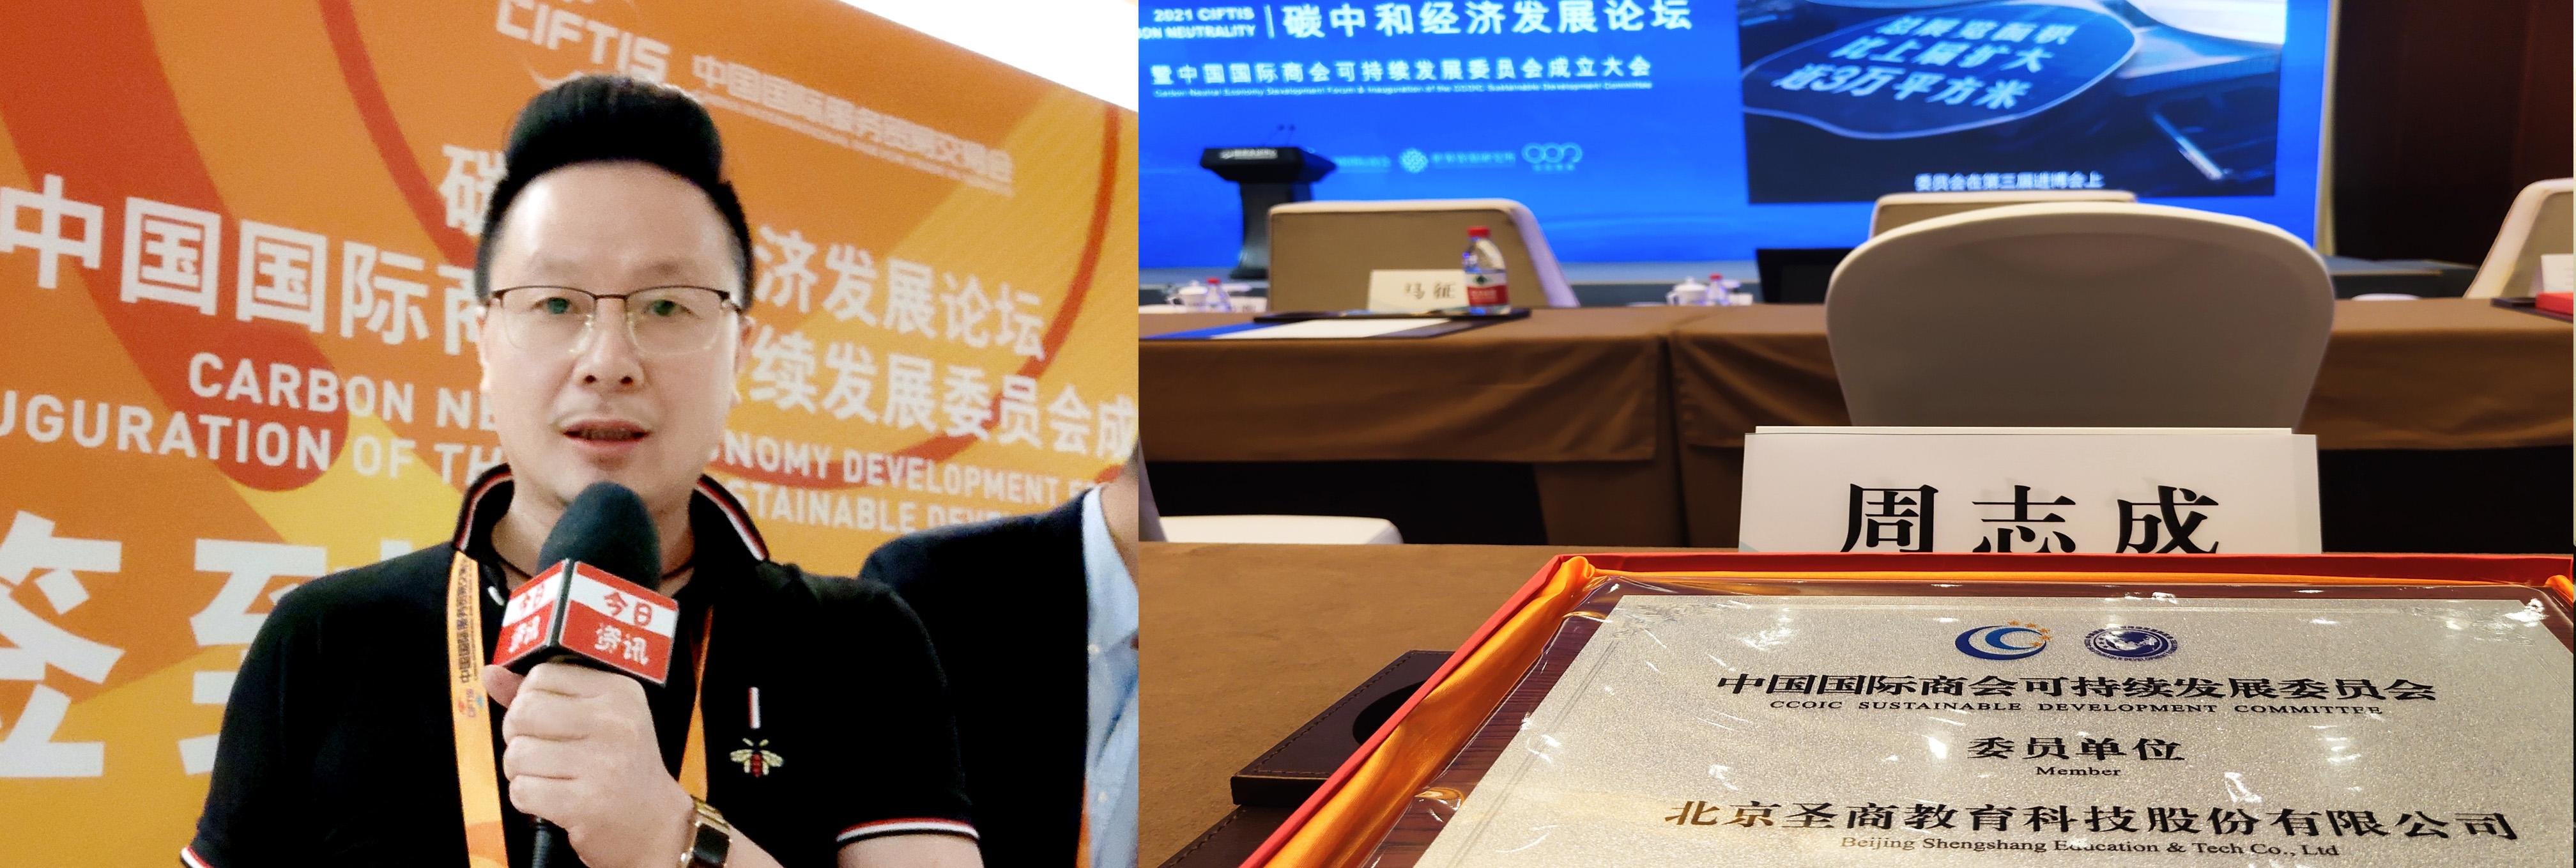 """碳中和经济发展论坛大会--圣商教育面对""""双碳经济"""""""